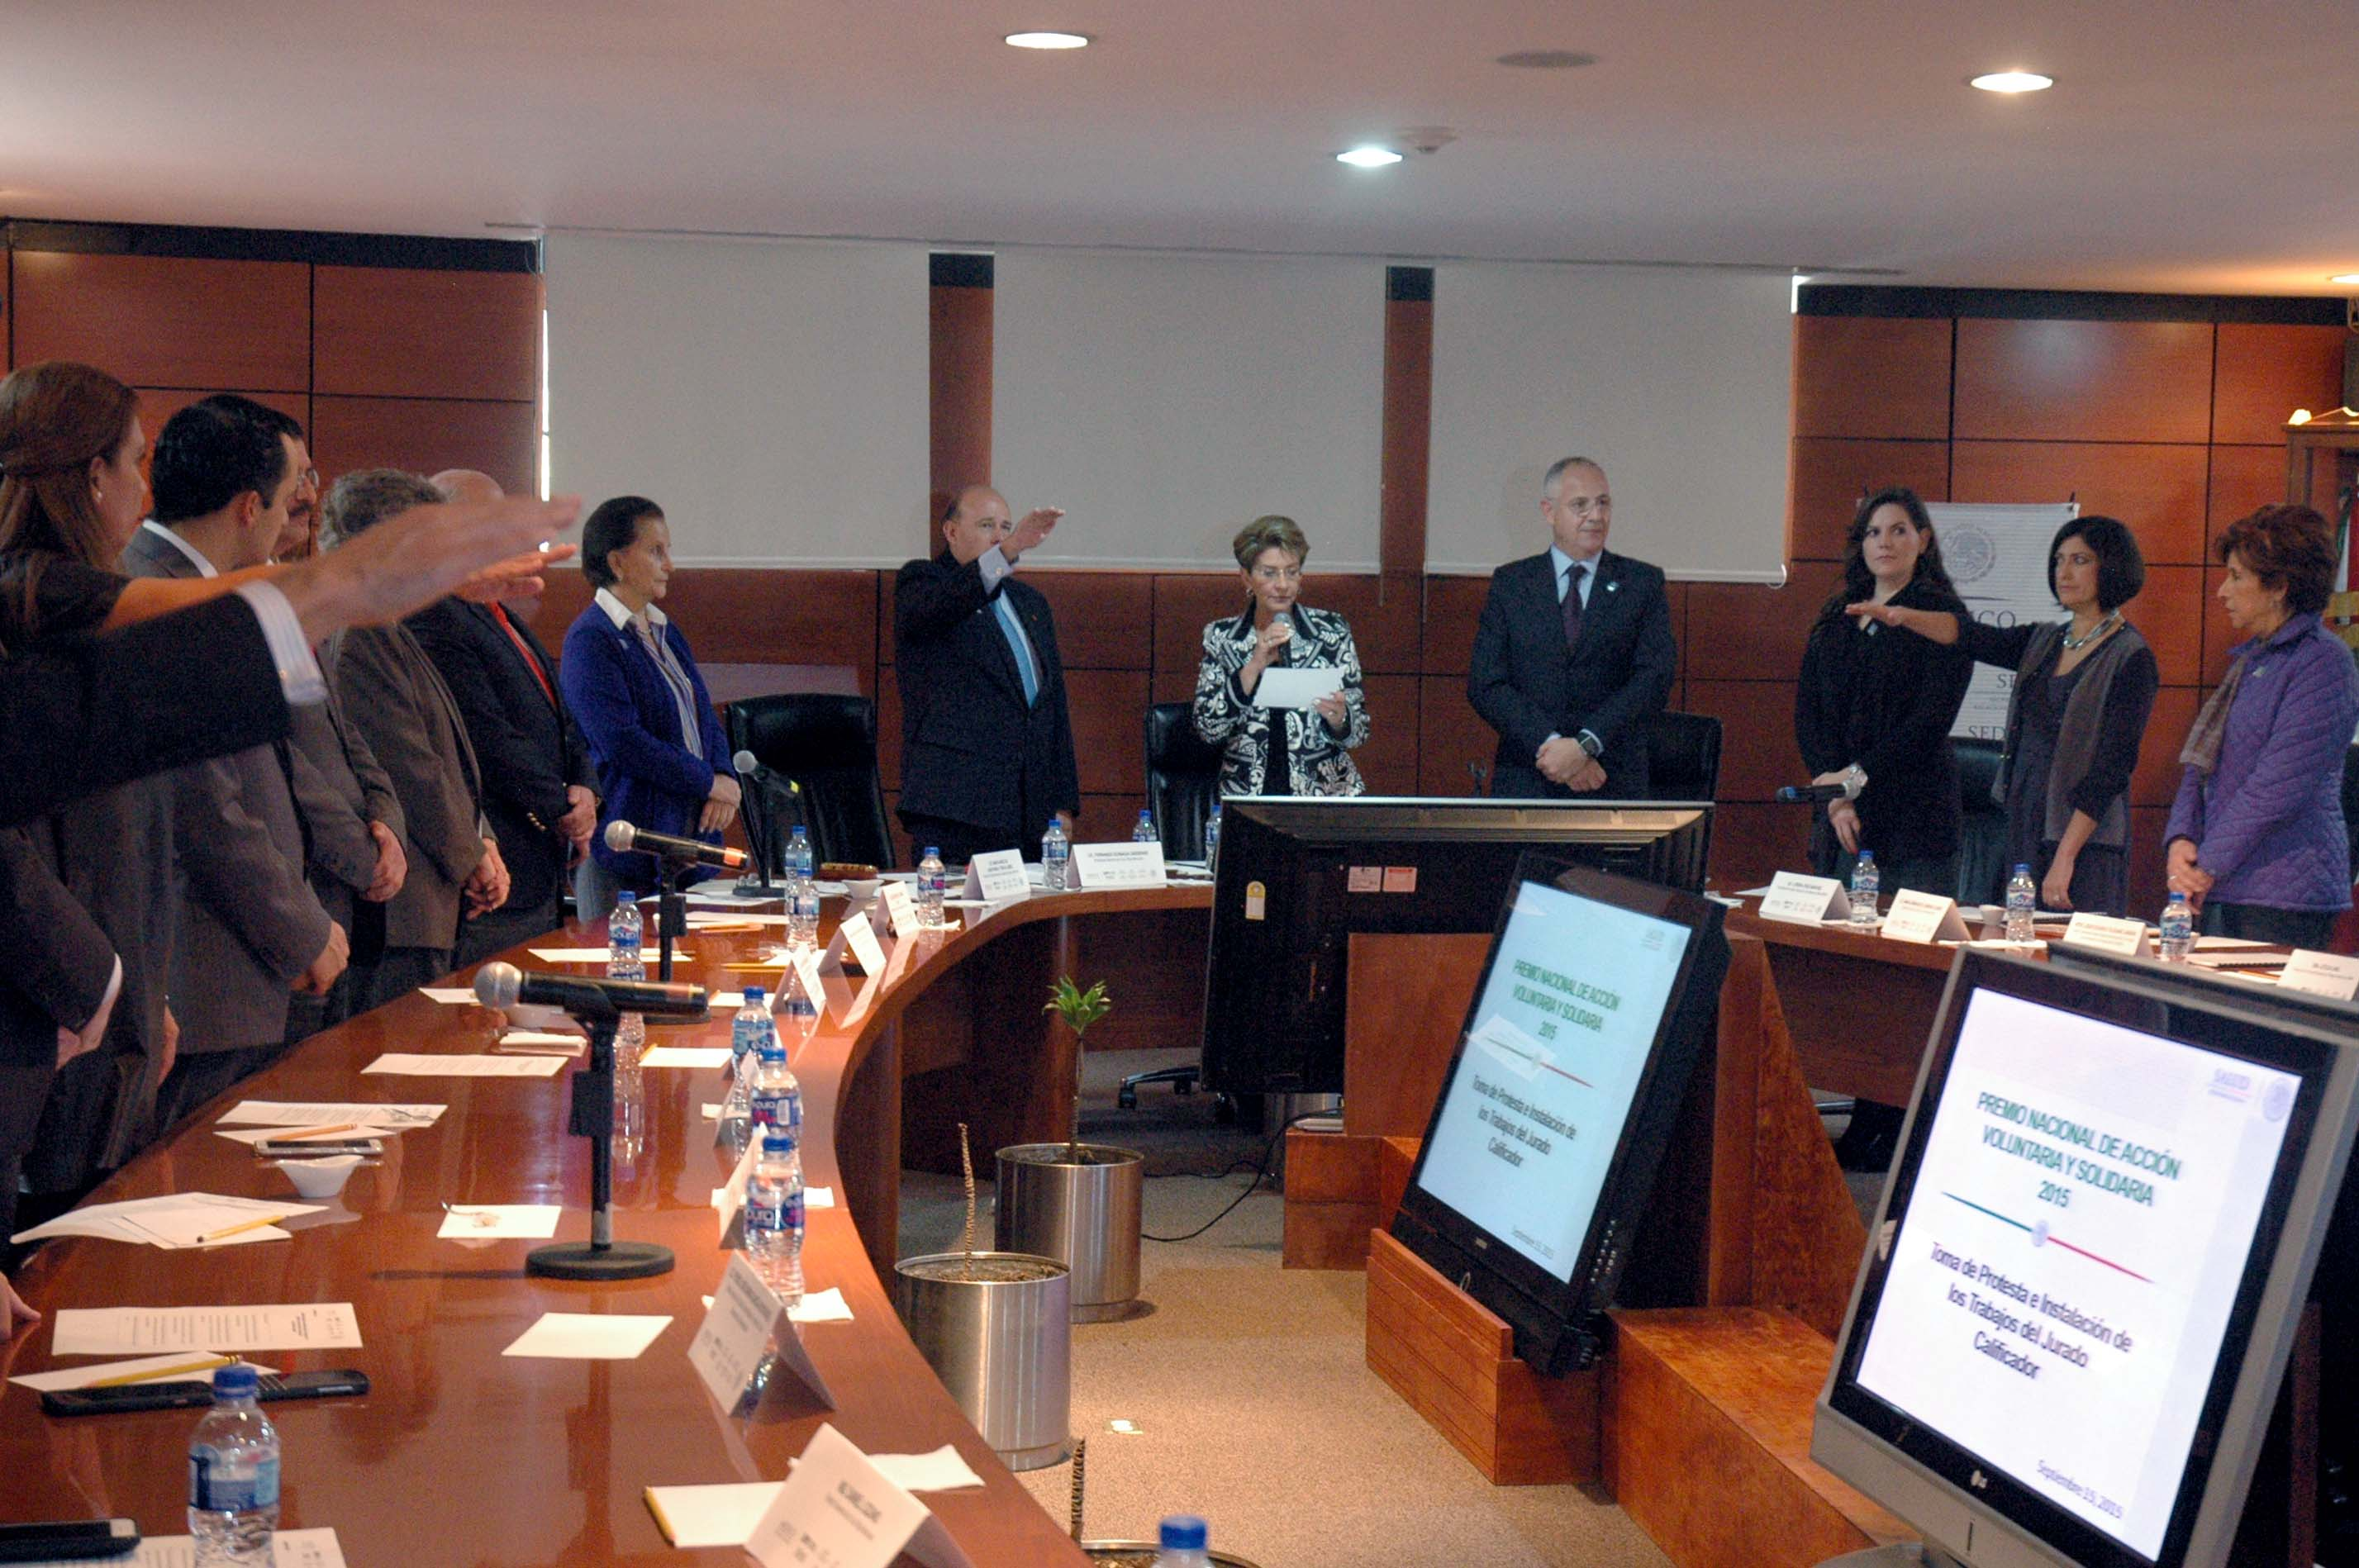 La Secretaria de Salud, Mercedes Juan, hizo un reconocimiento a quienes han participado en este galardón.